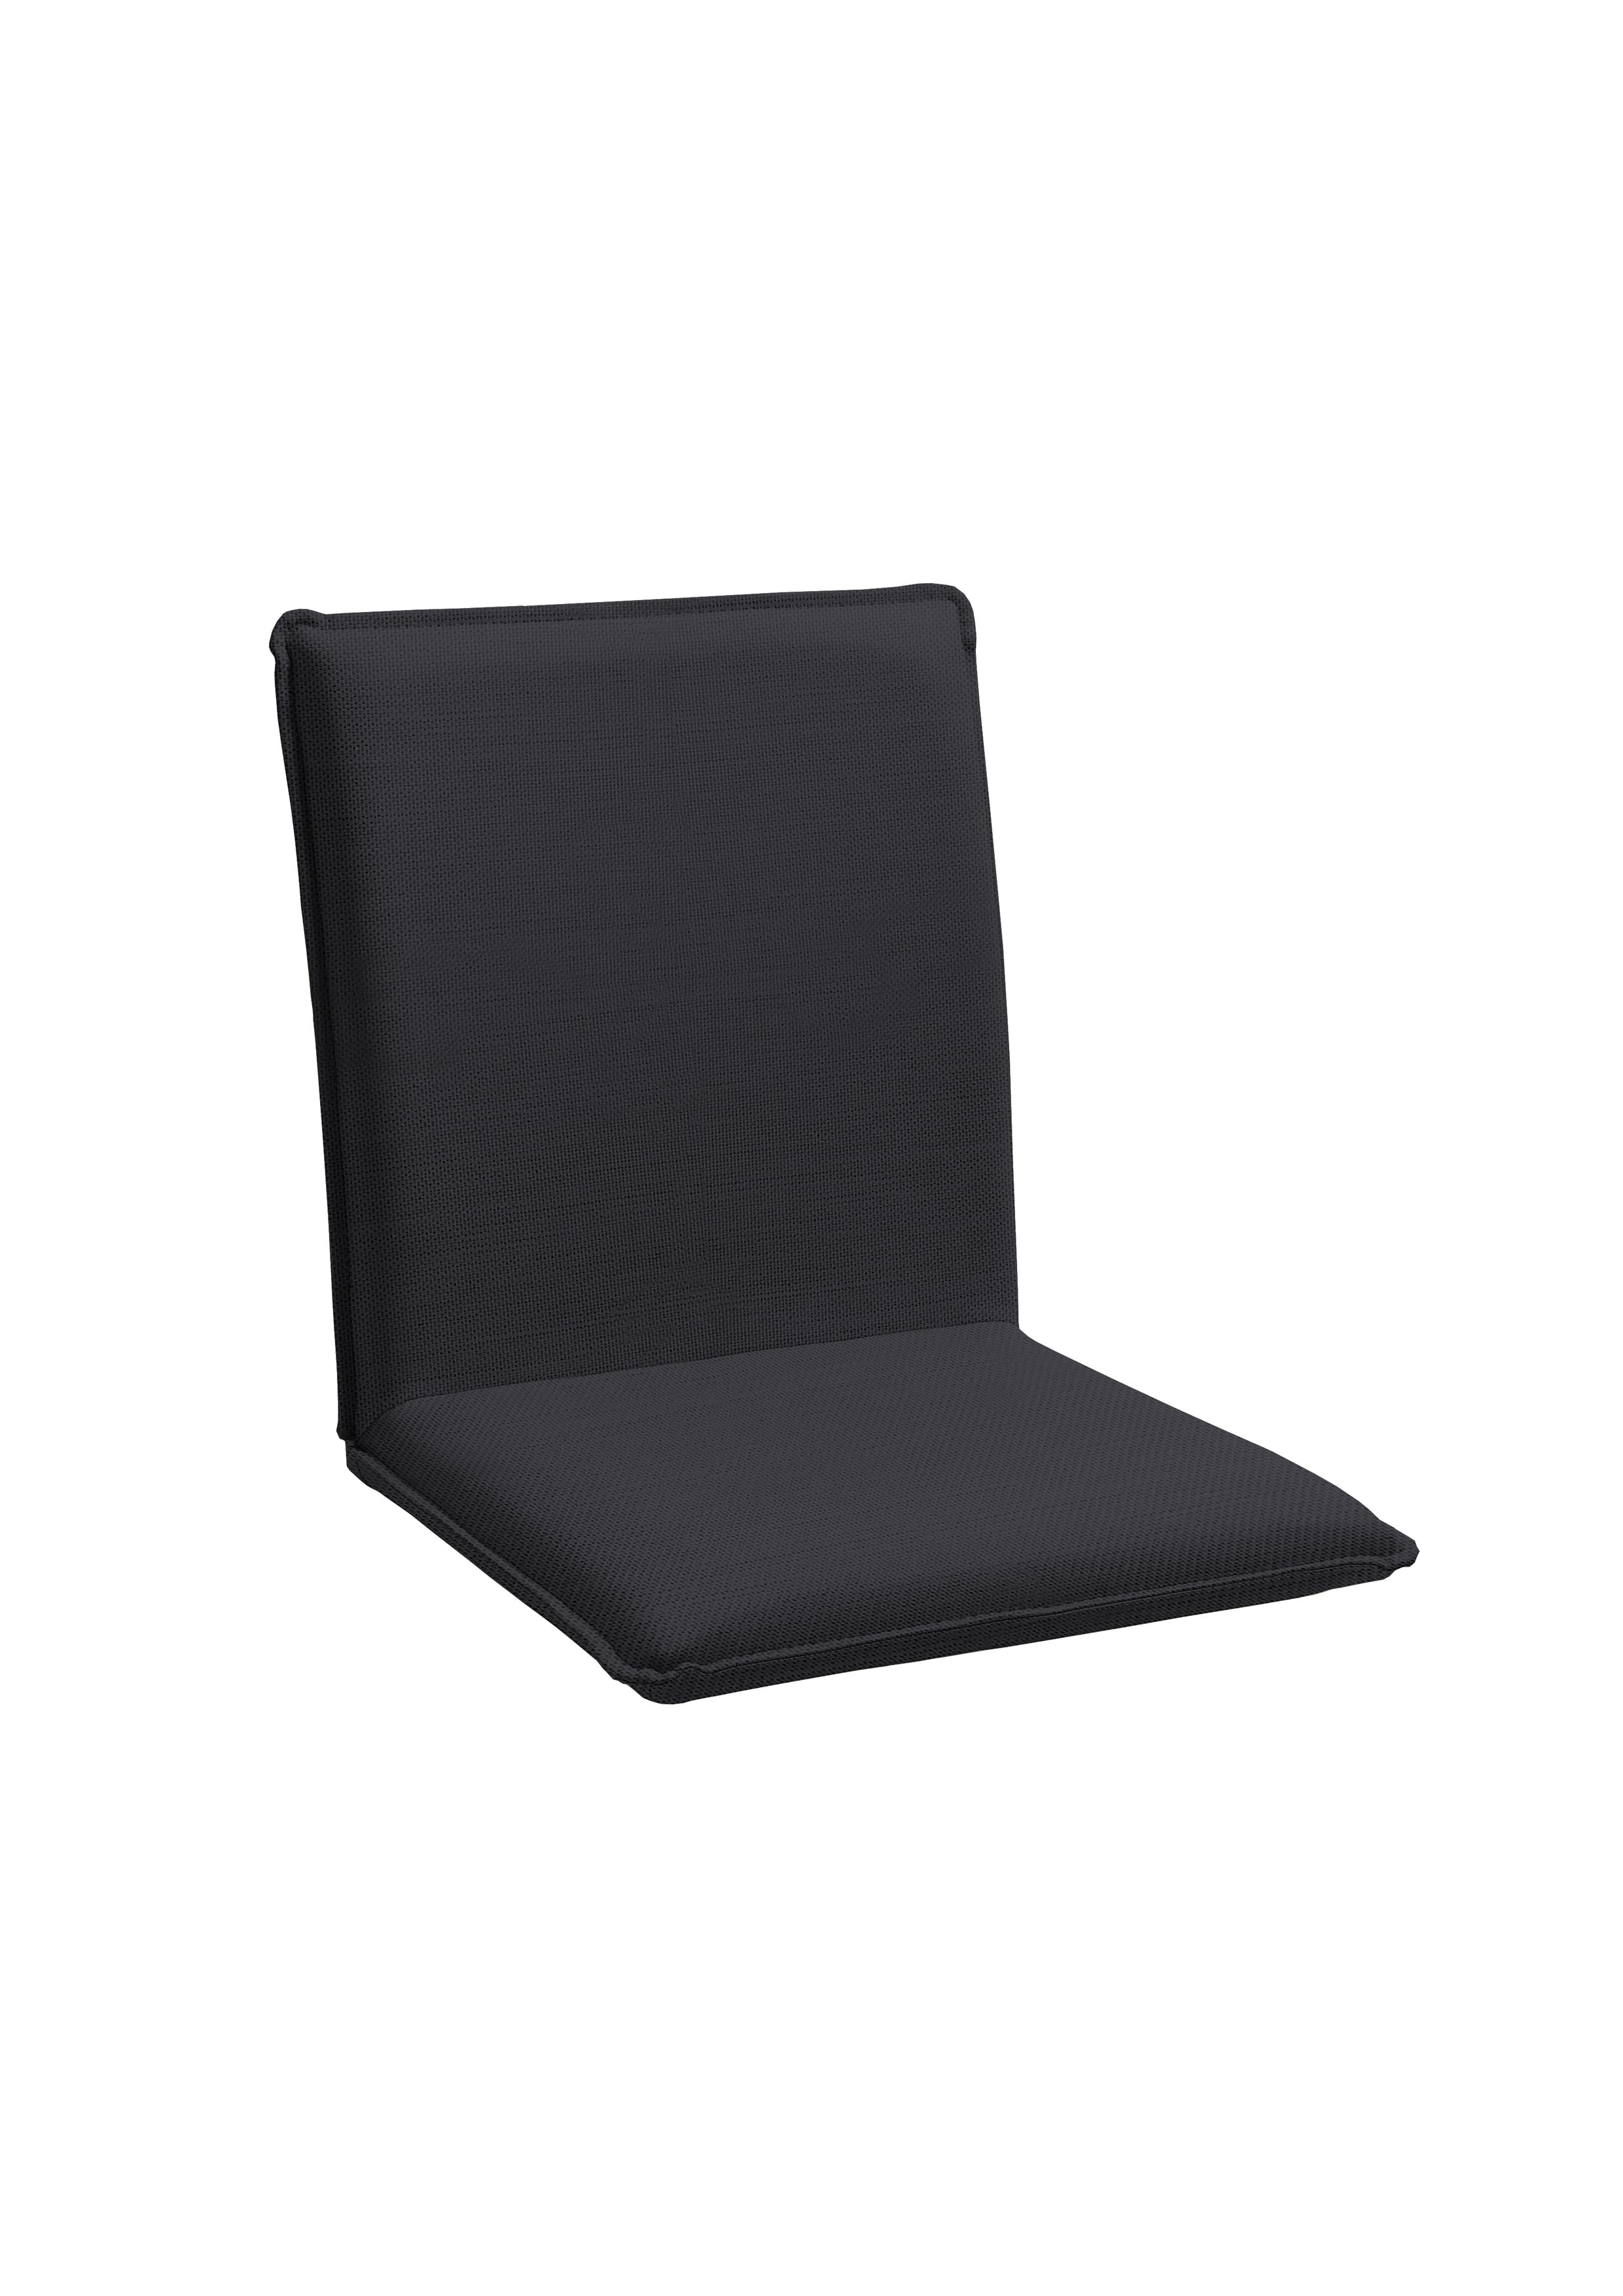 Sitzschale Nette Grau